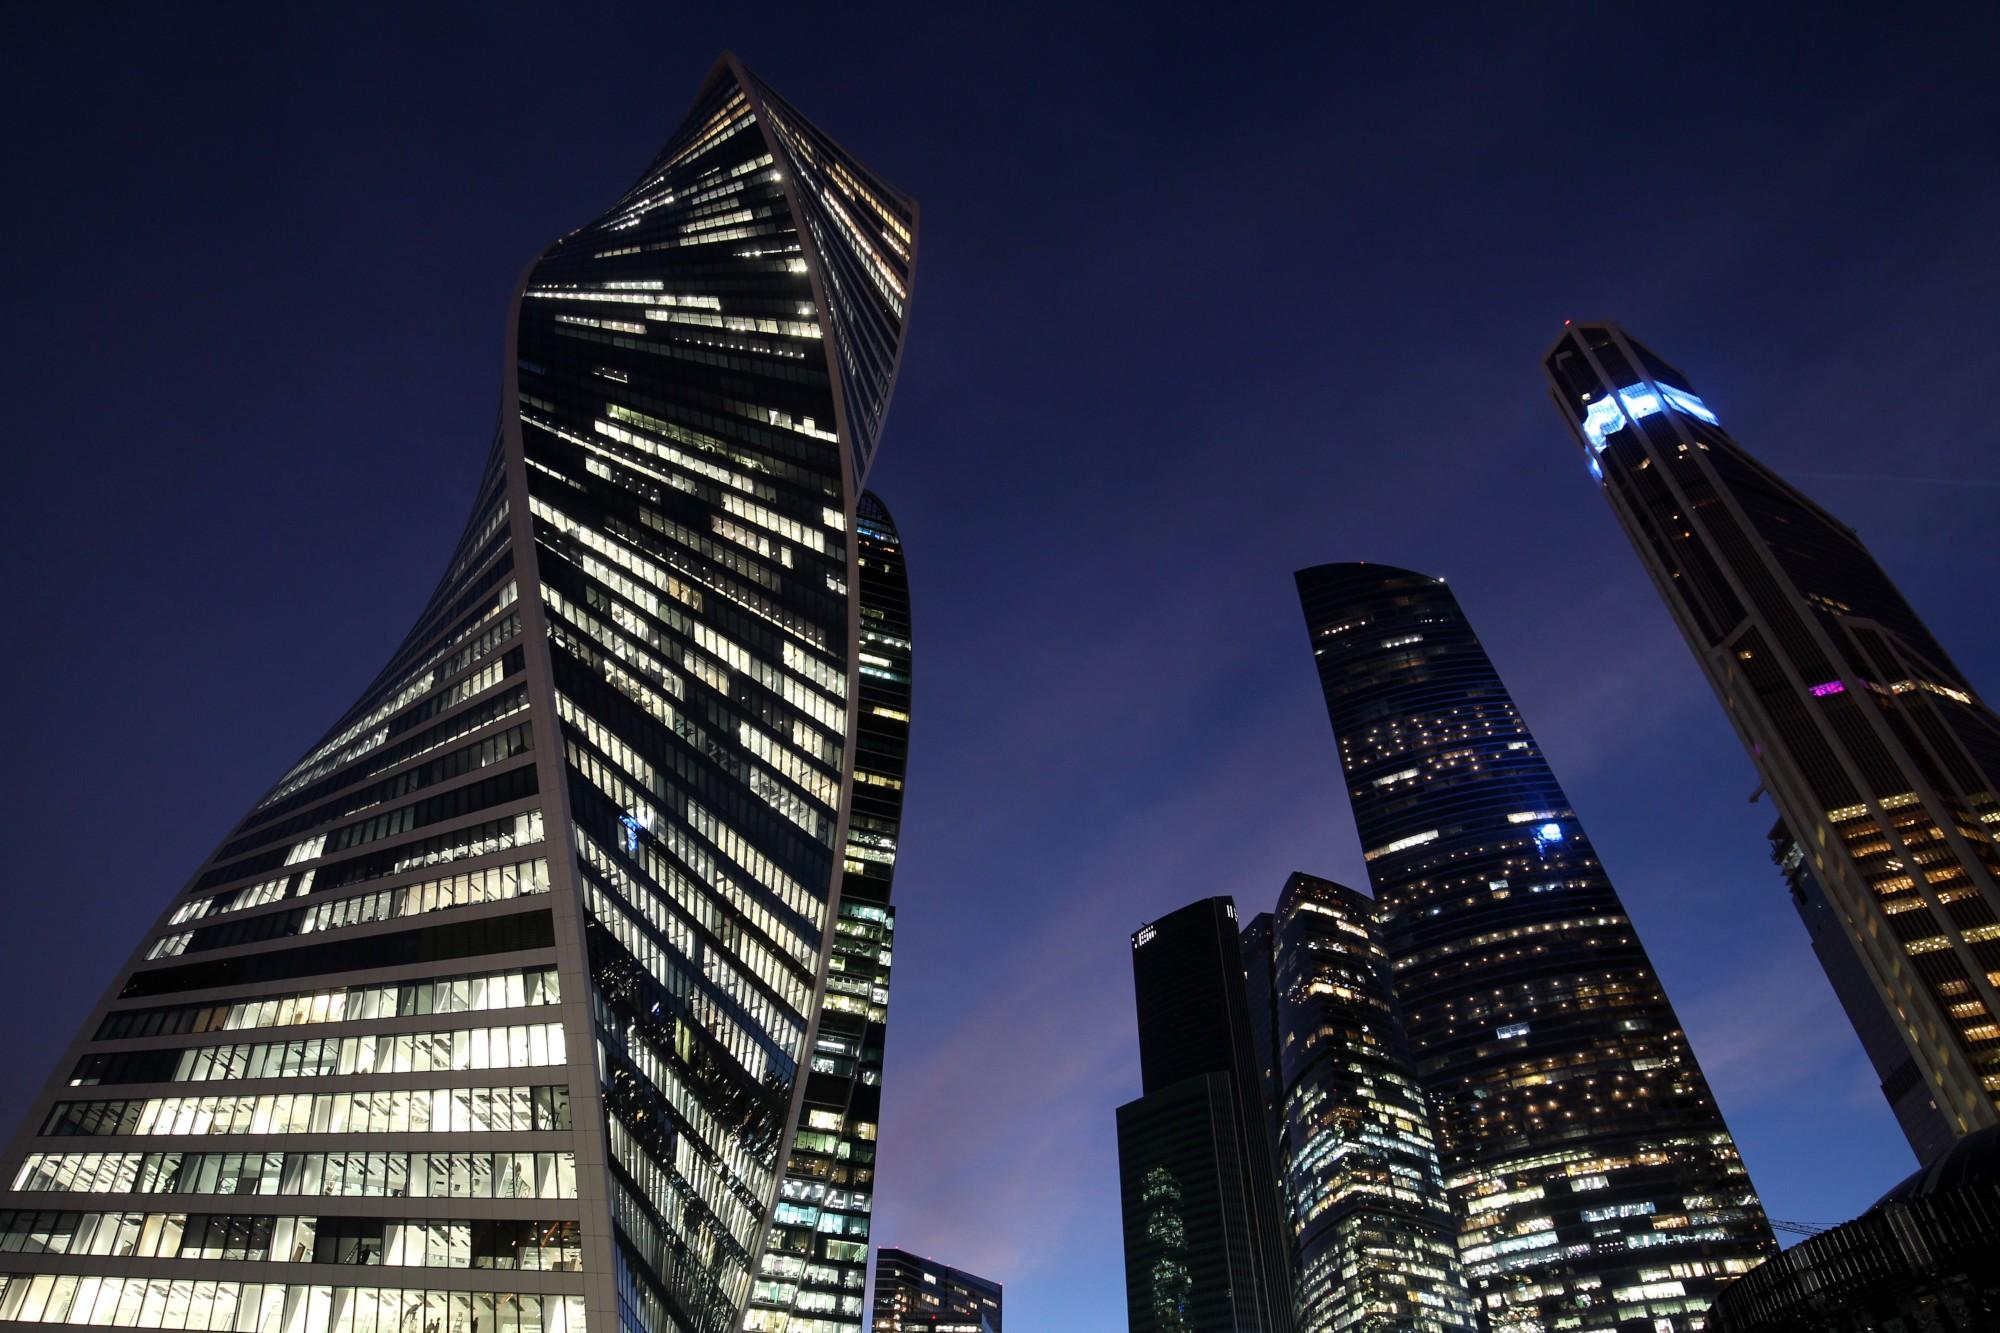 небоскрёб Москва-Сити башня Эволюция Транснефть